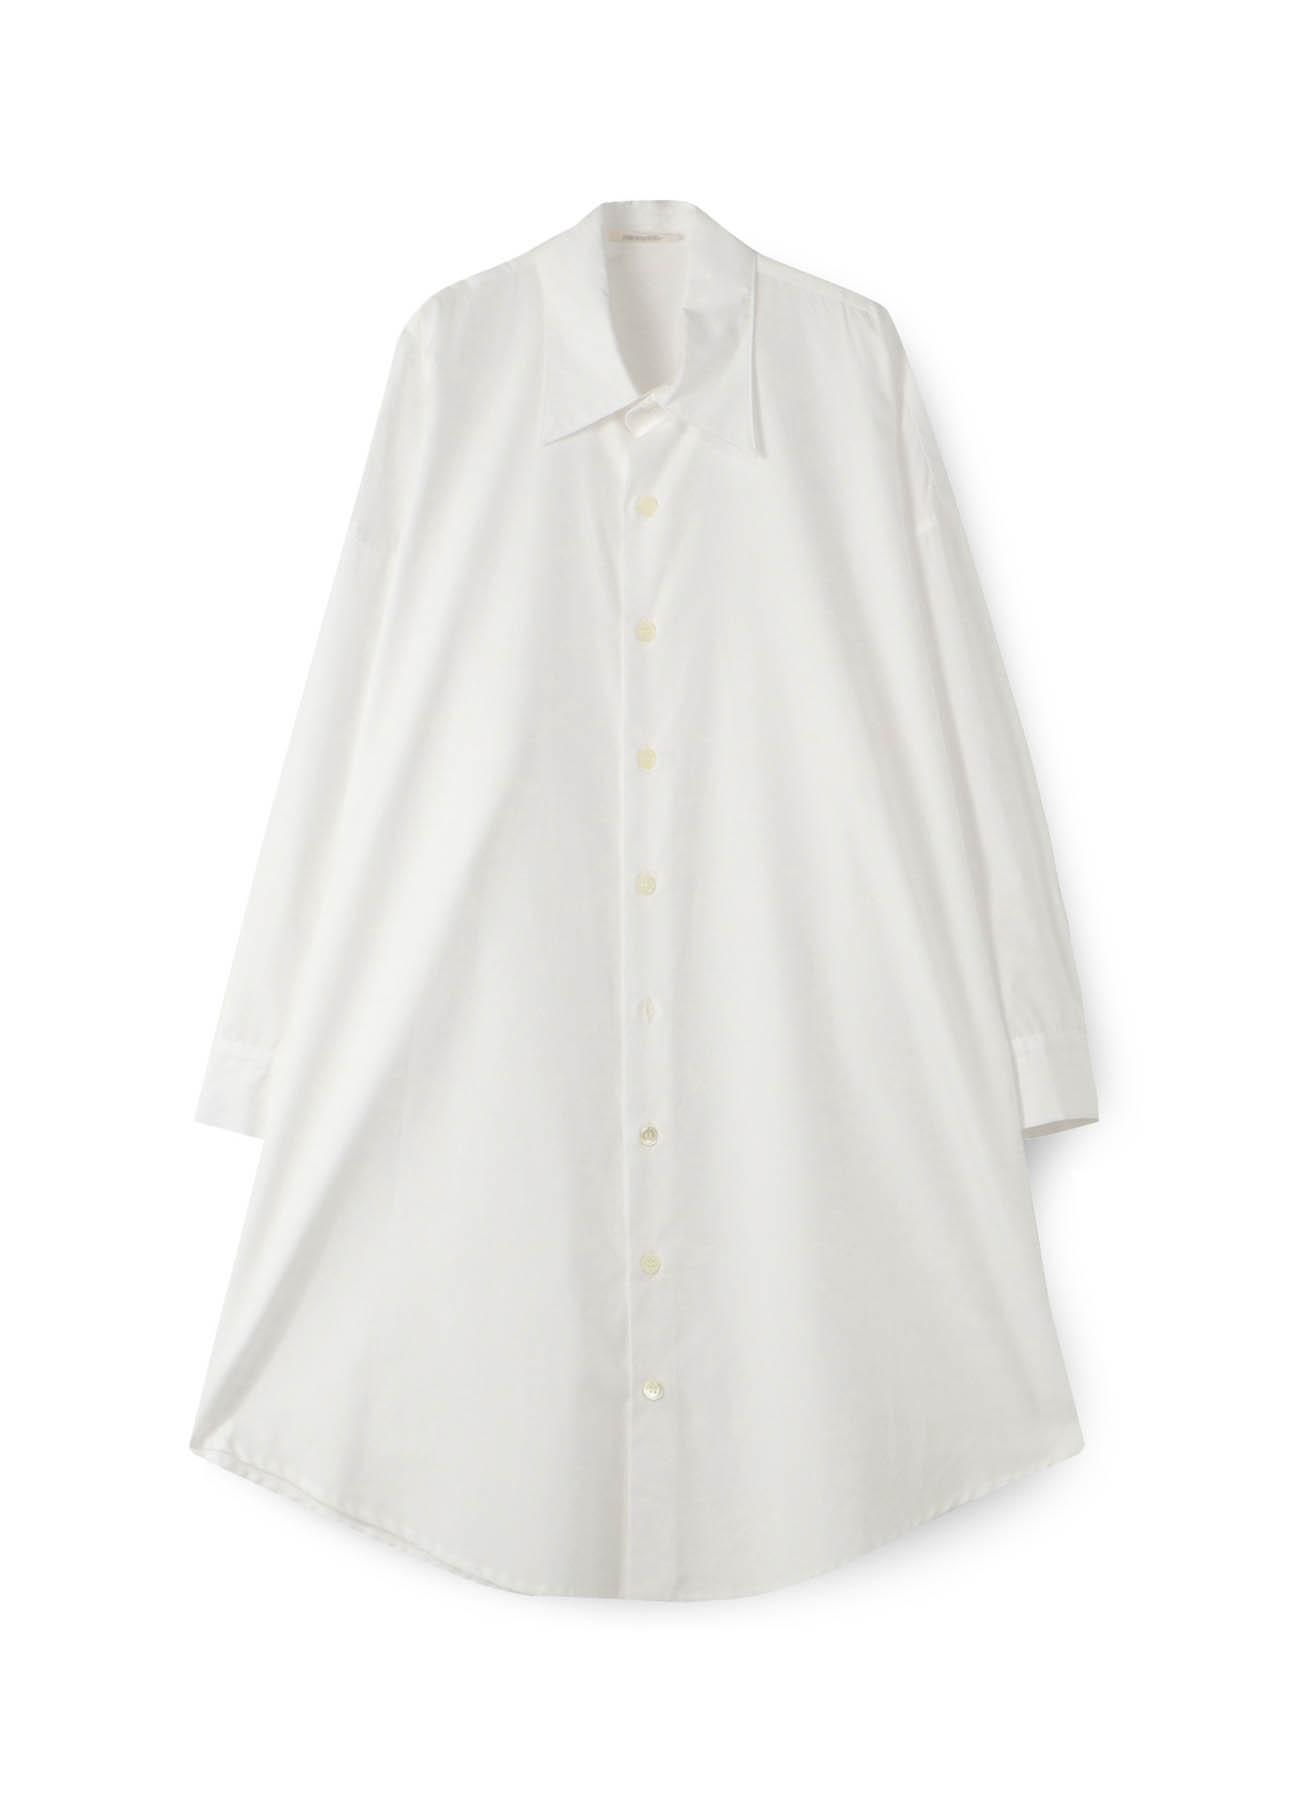 100/2 ブロードBロングシャツドレス